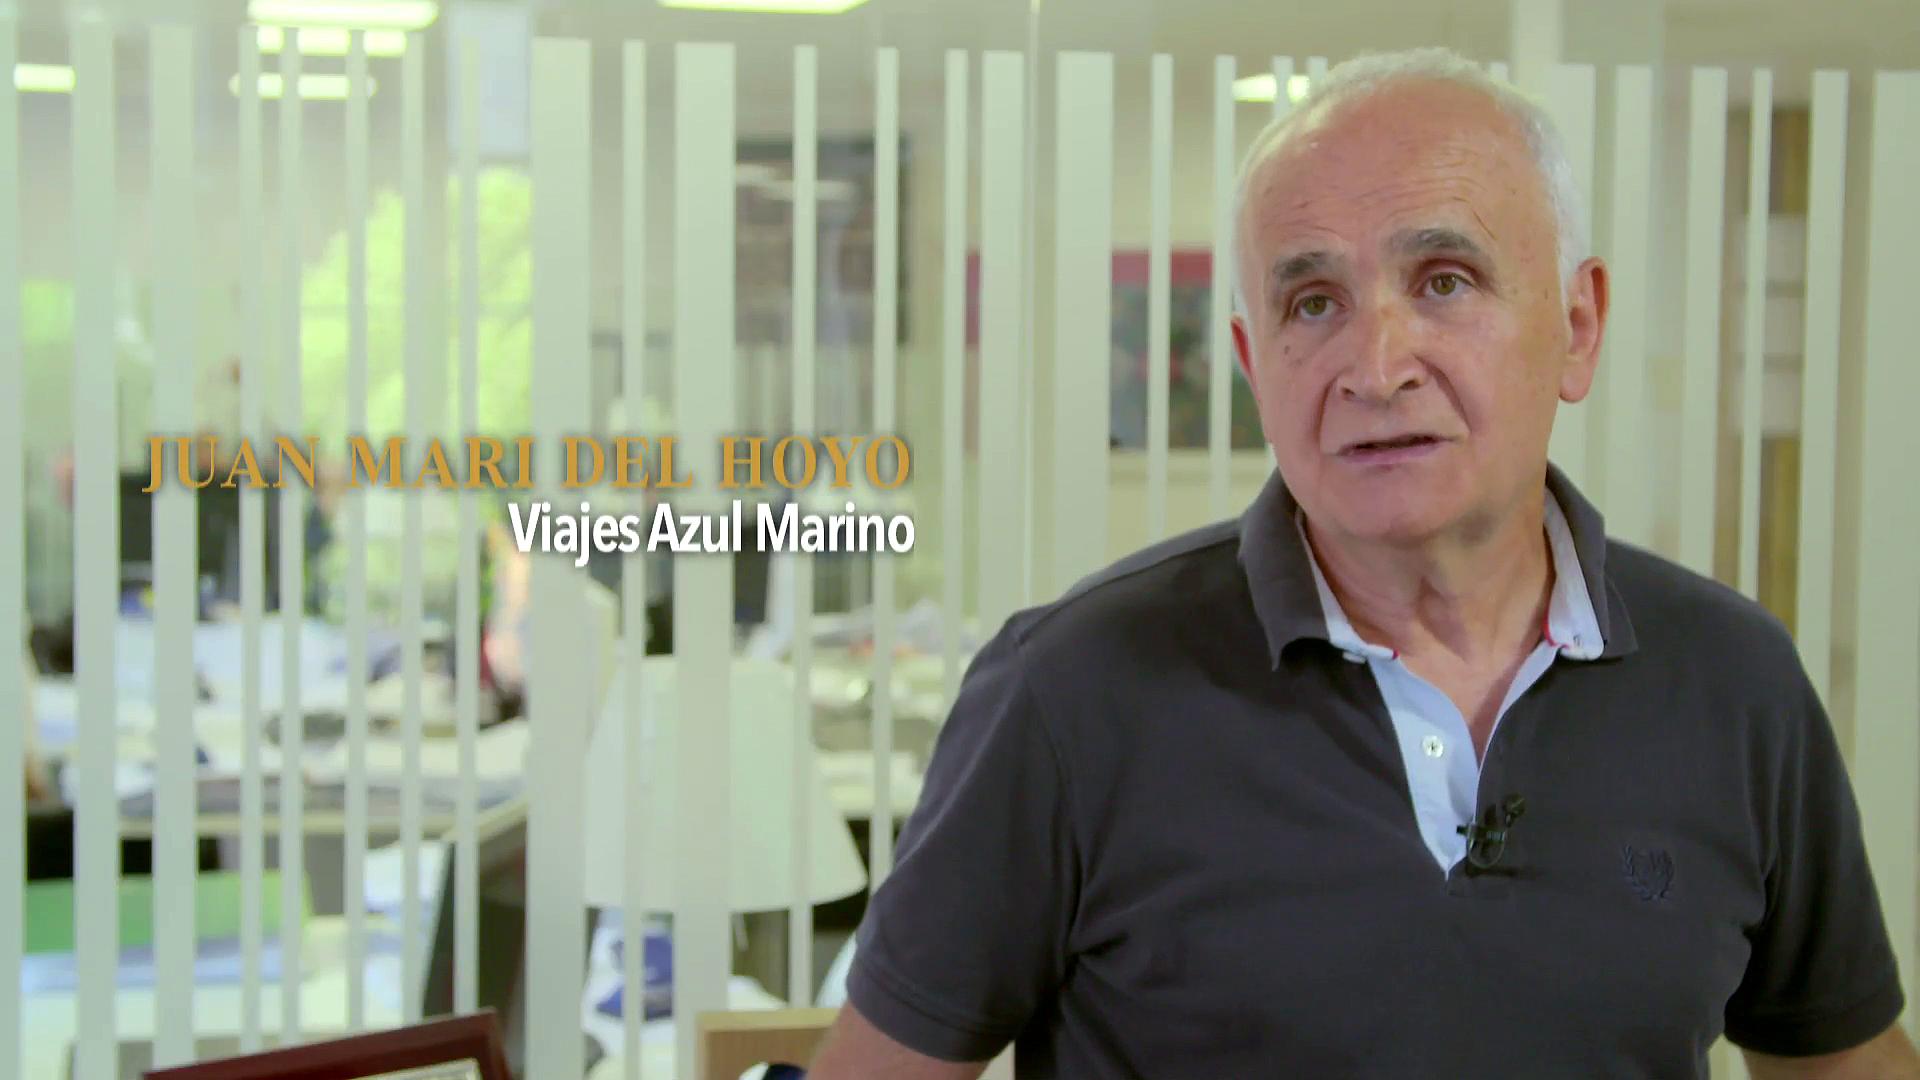 Merkataritza eta Turismo saria. Viajes Azul Marino - Juan Mari del Hoyo